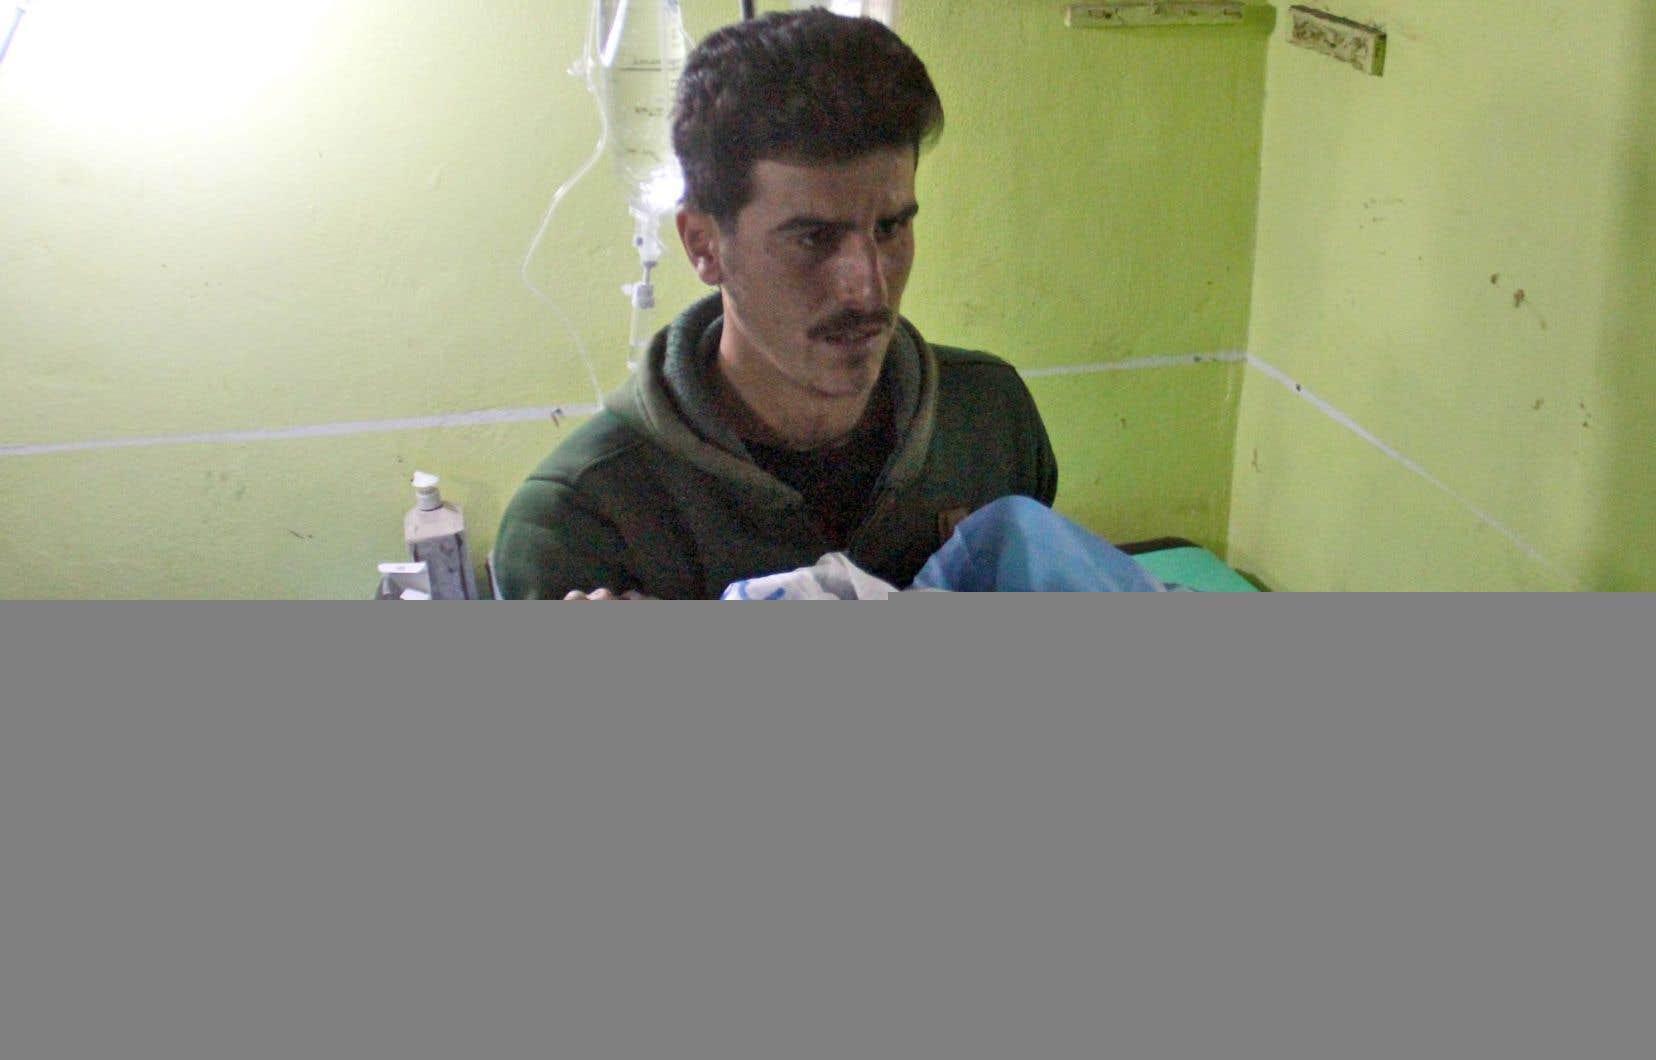 Un enfant syrien, inconscient après l'attaque chimique survenue le 4 avril dernier, est transporté d'urgence à l'hôpital de Khan Cheikhoun.